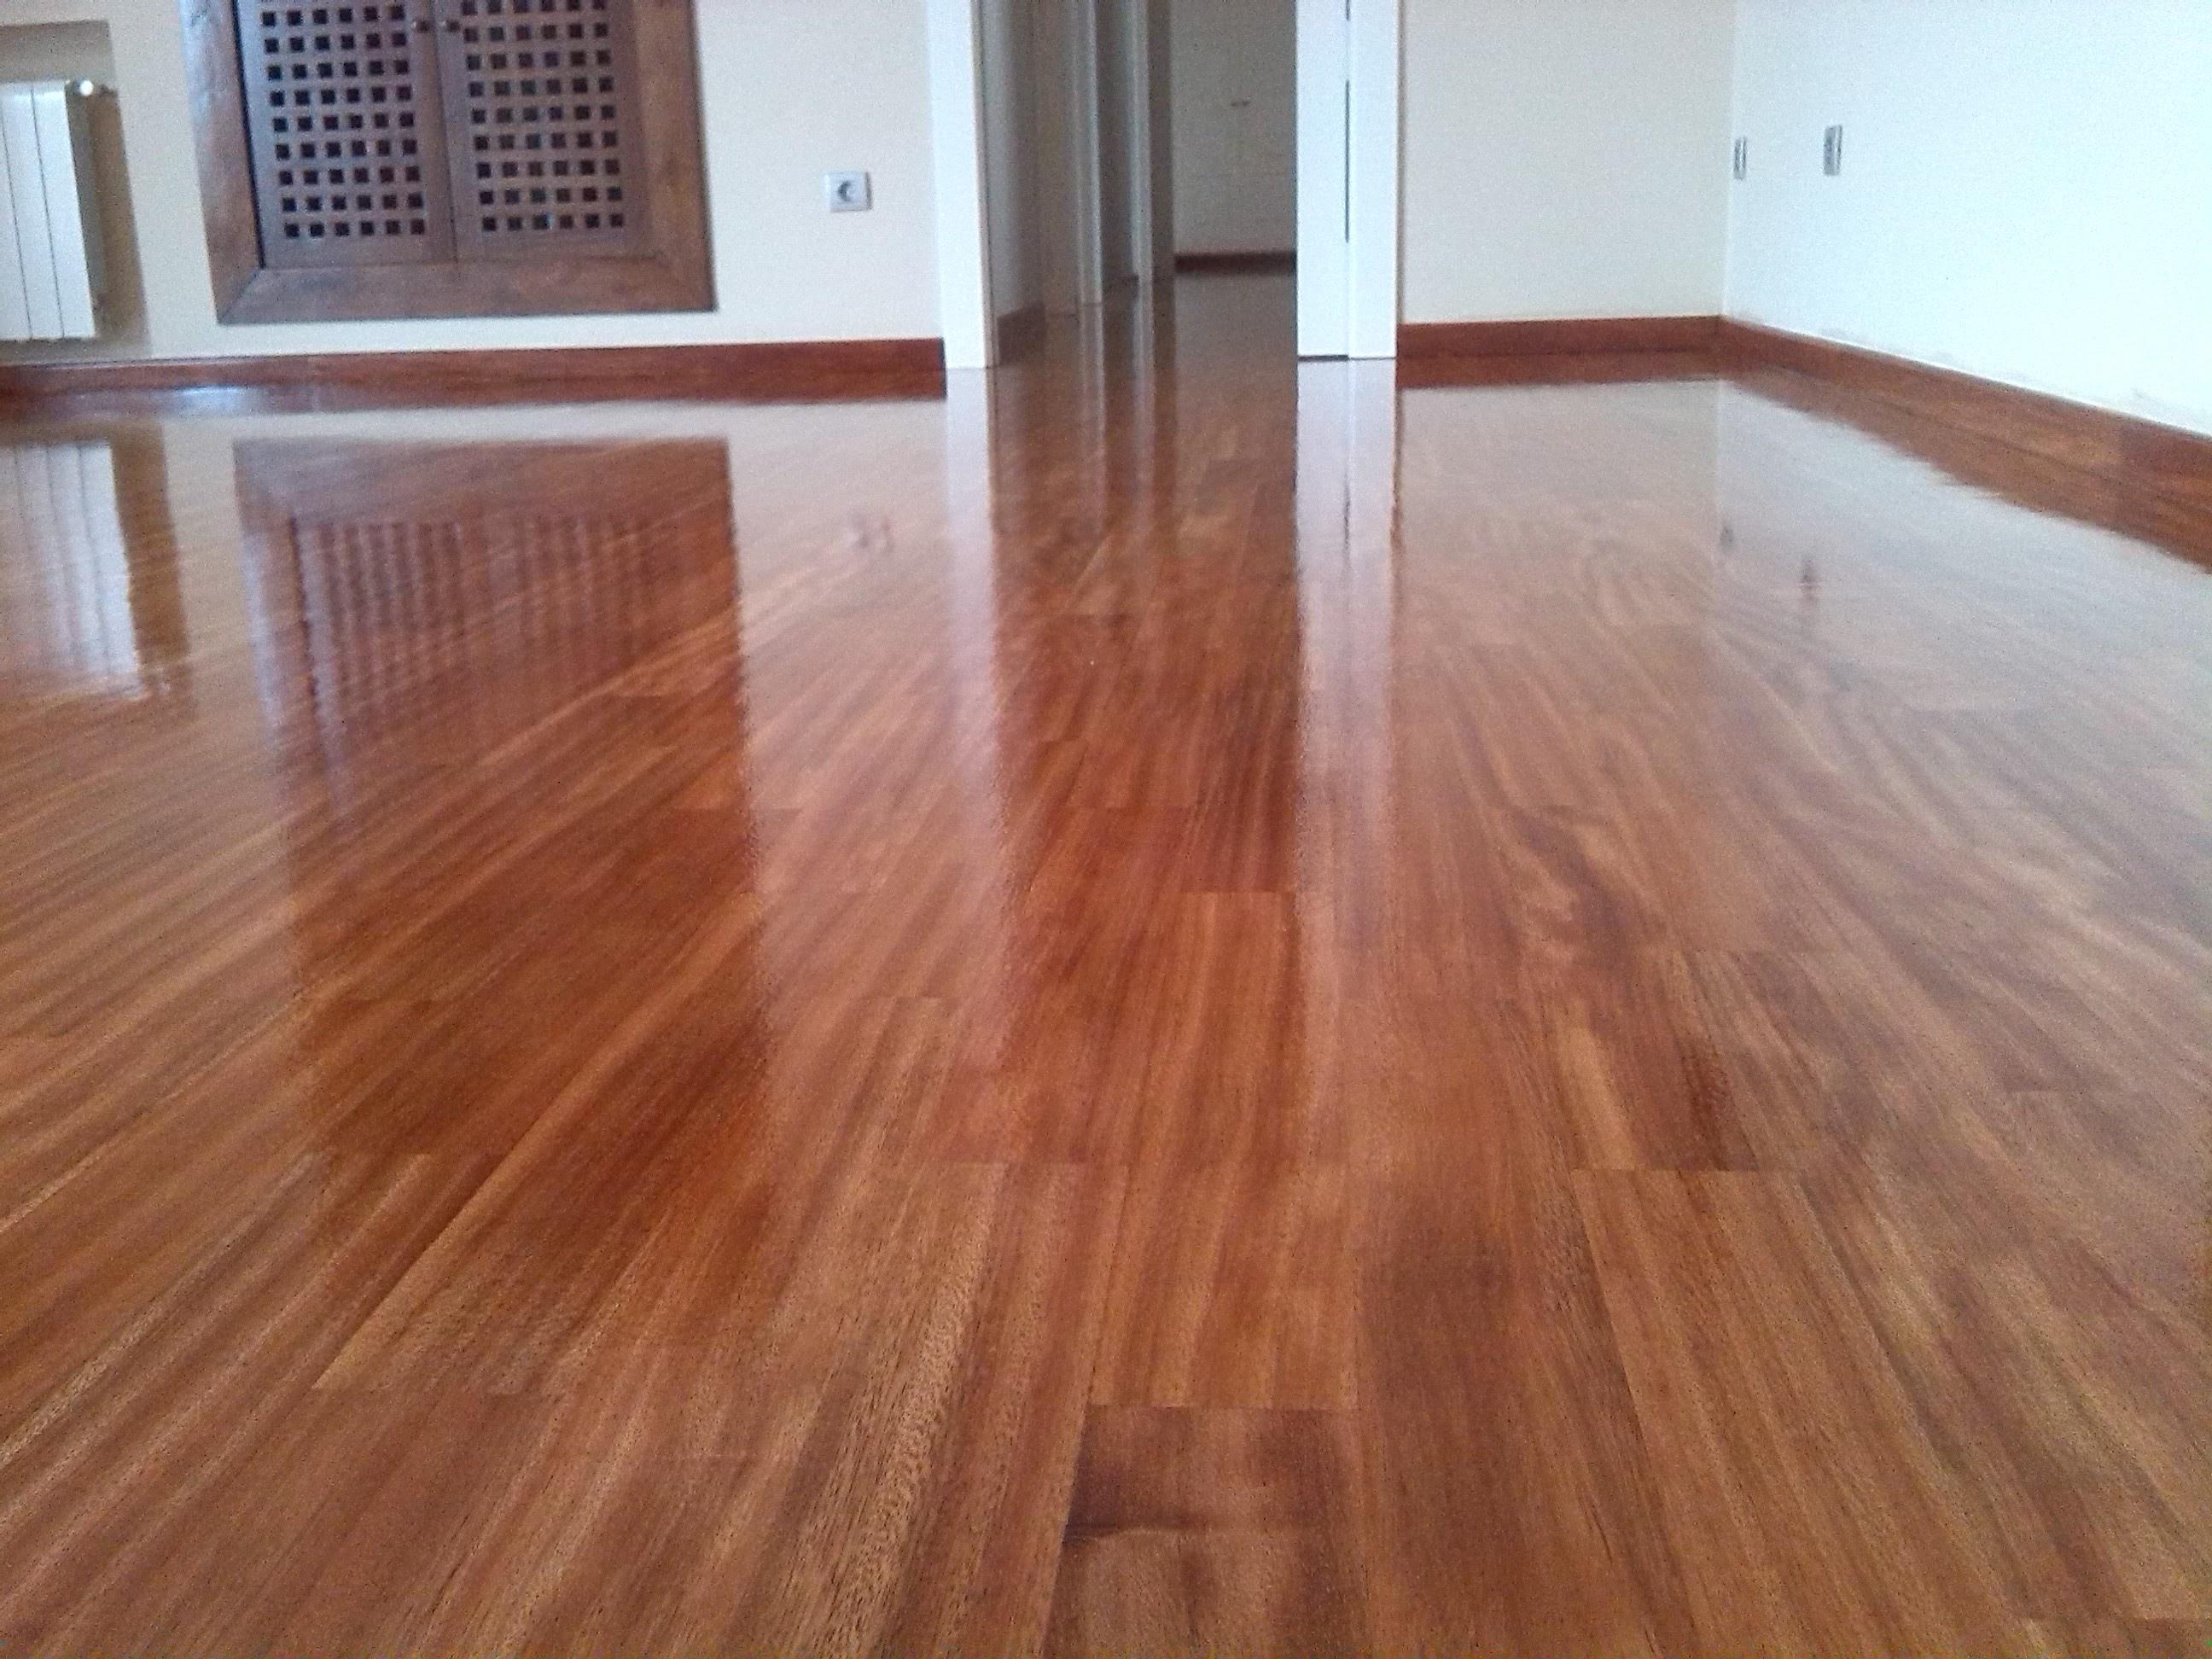 Qu ventajas aporta el parquet de madera natural for Parquet madera natural